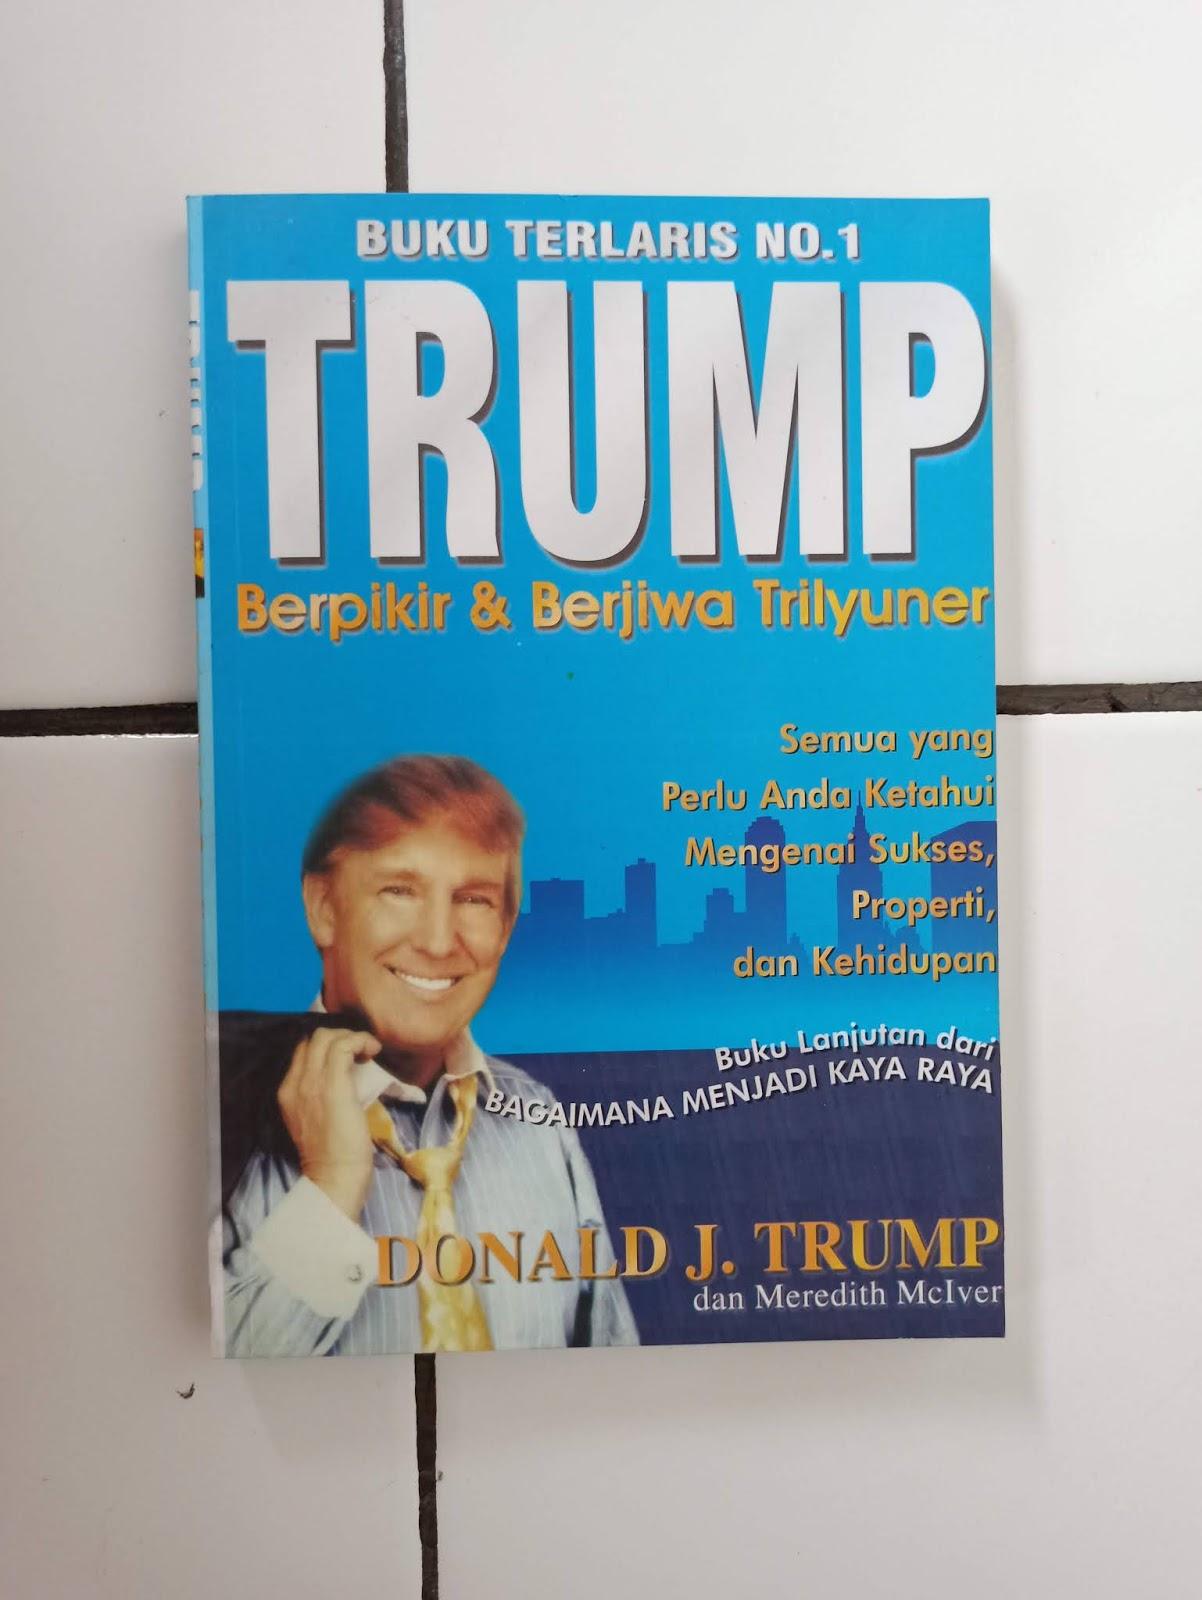 Buku Best Seller Trump Berpikir & Berjiwa Trilyuner